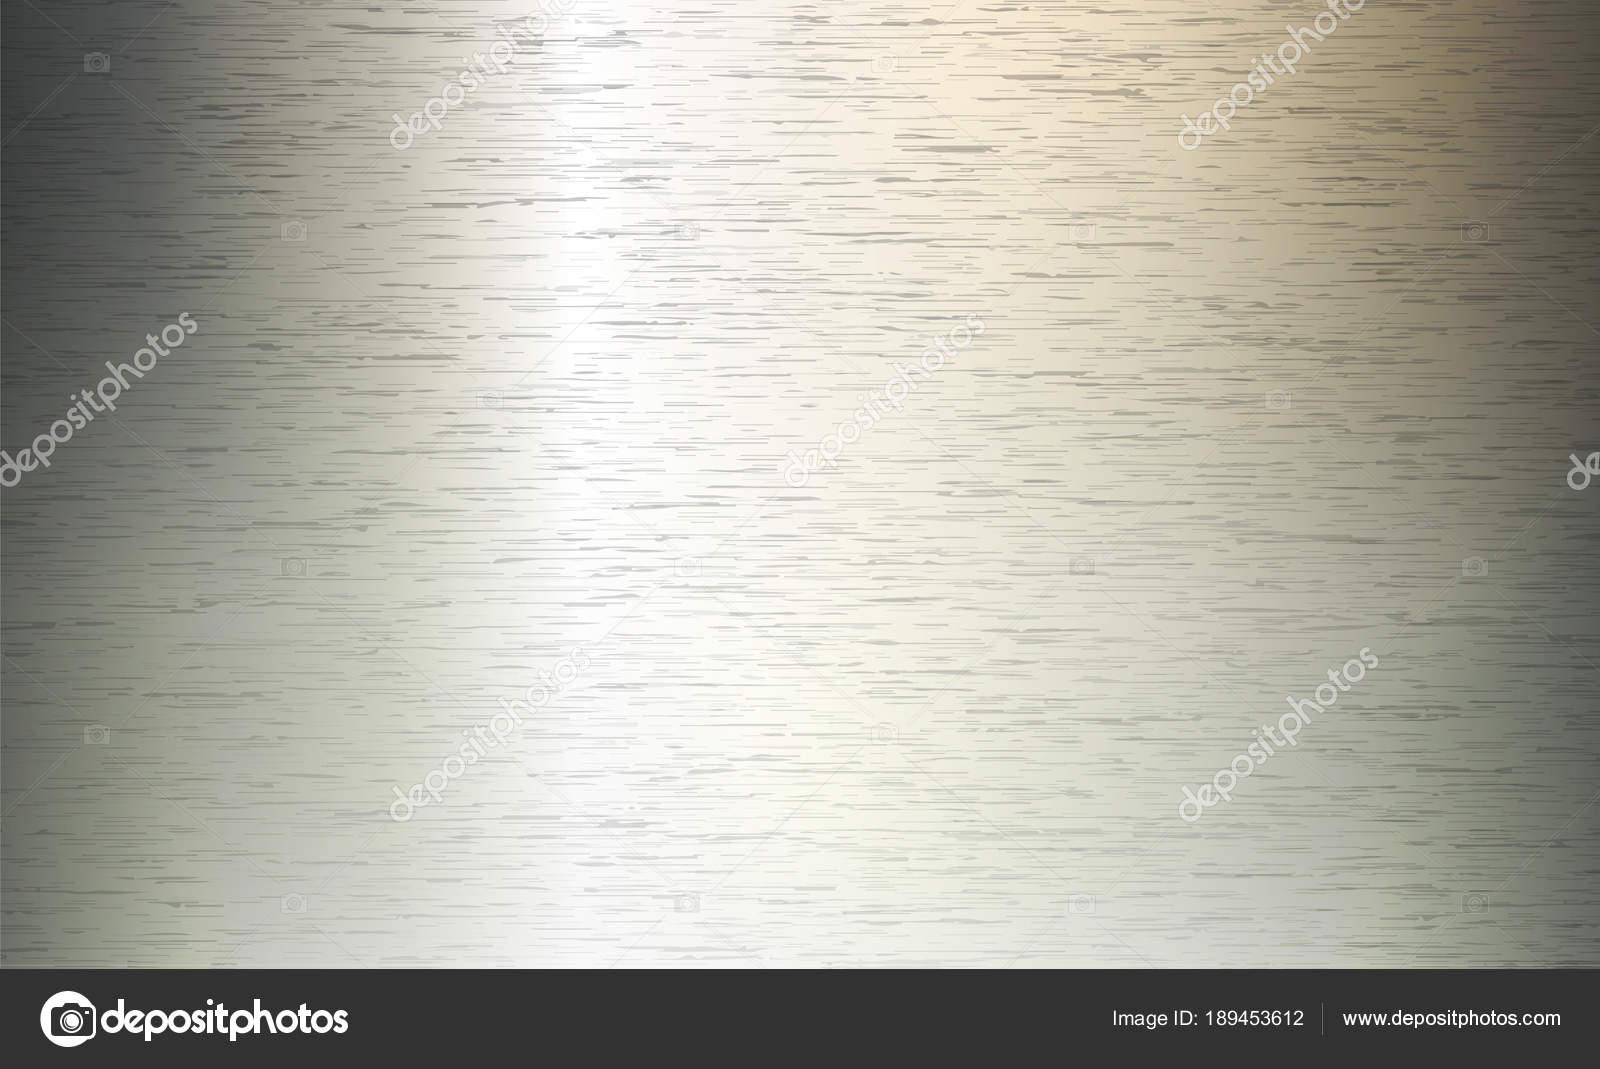 Fondo de metal tecnología abstracta. Aluminio pulido, cepillado ...